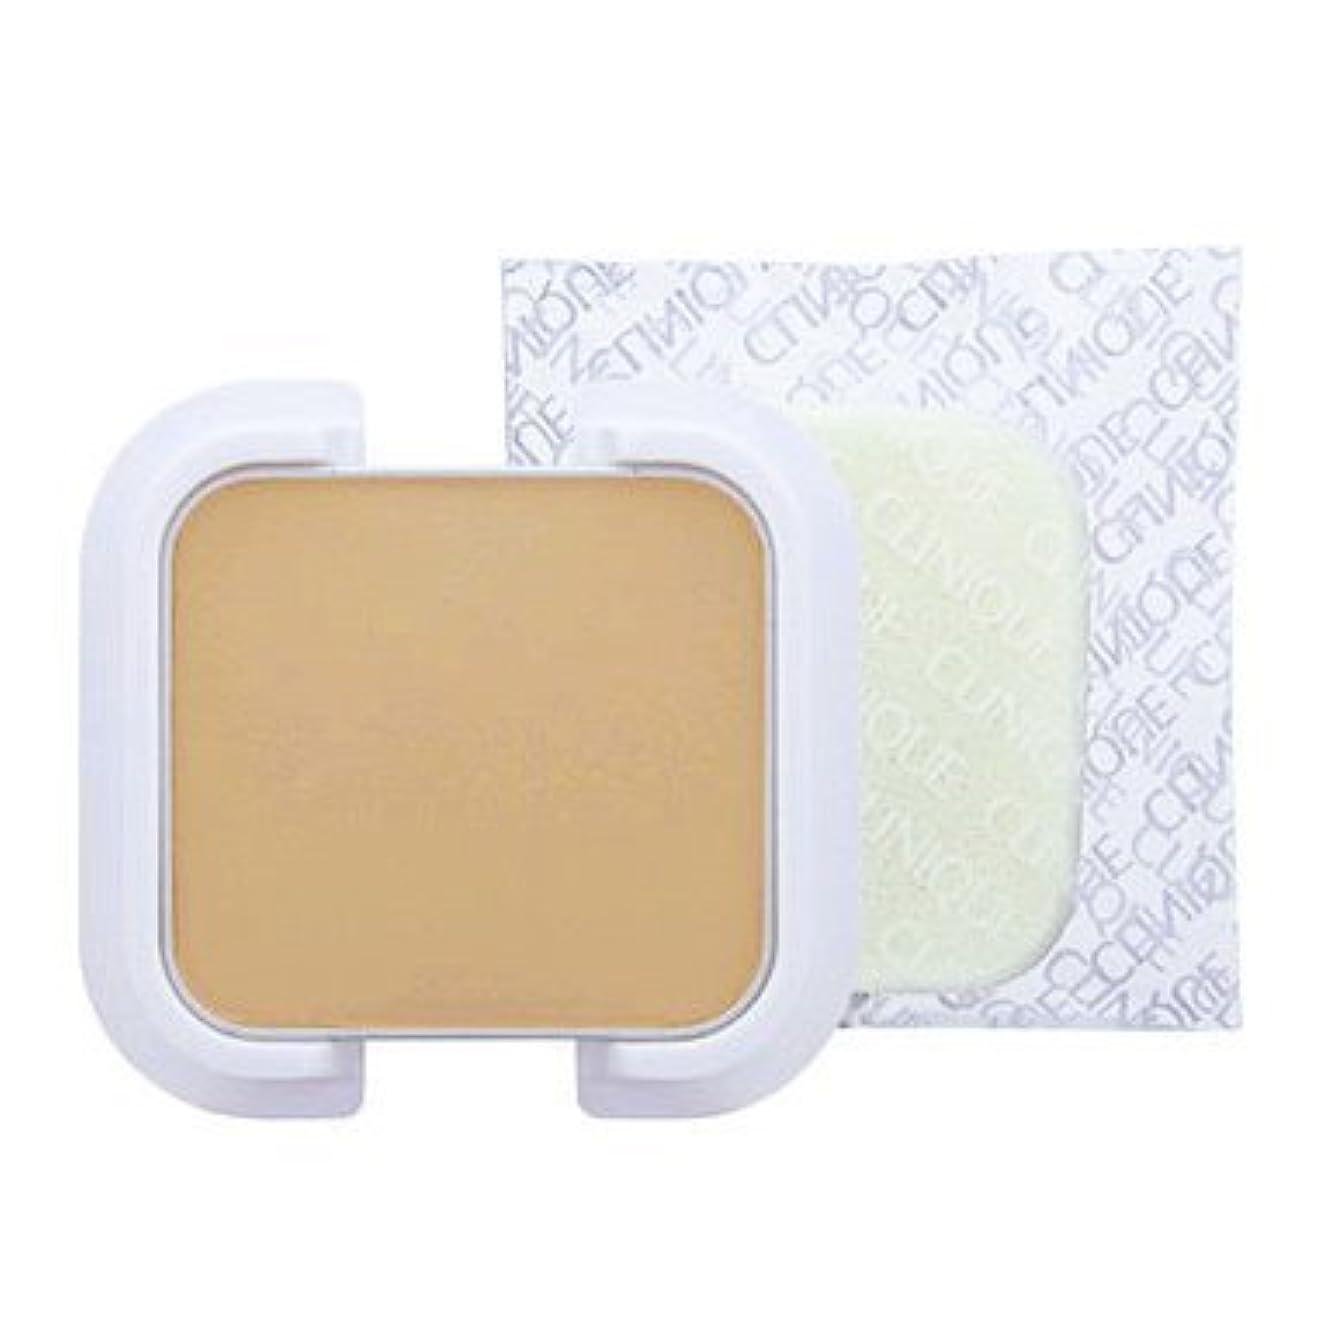 データ枯渇パイロットCLINIQUE クリニーク イーブン ベター パウダー メークアップ ウォーター ヴェール 27 (リフィル) #64 cream beige SPF27/PA+++ 10g [並行輸入品]